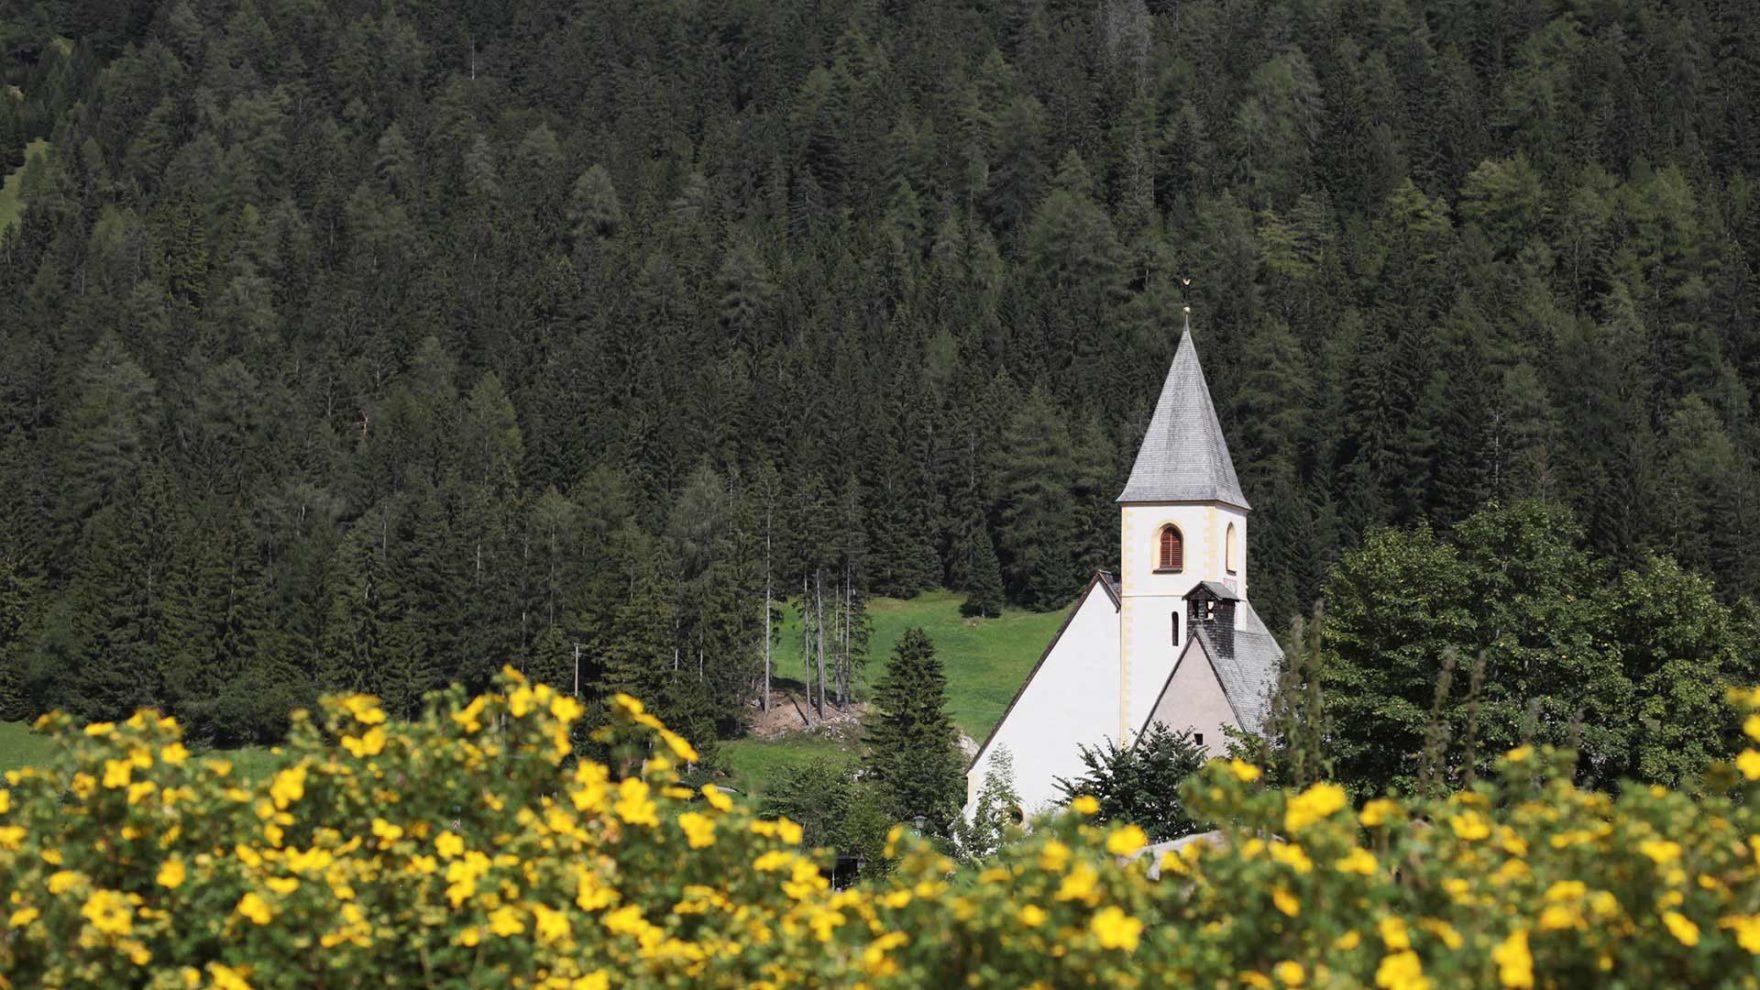 Wallfahrtskirche von Unsere Liebe Frau im Walde